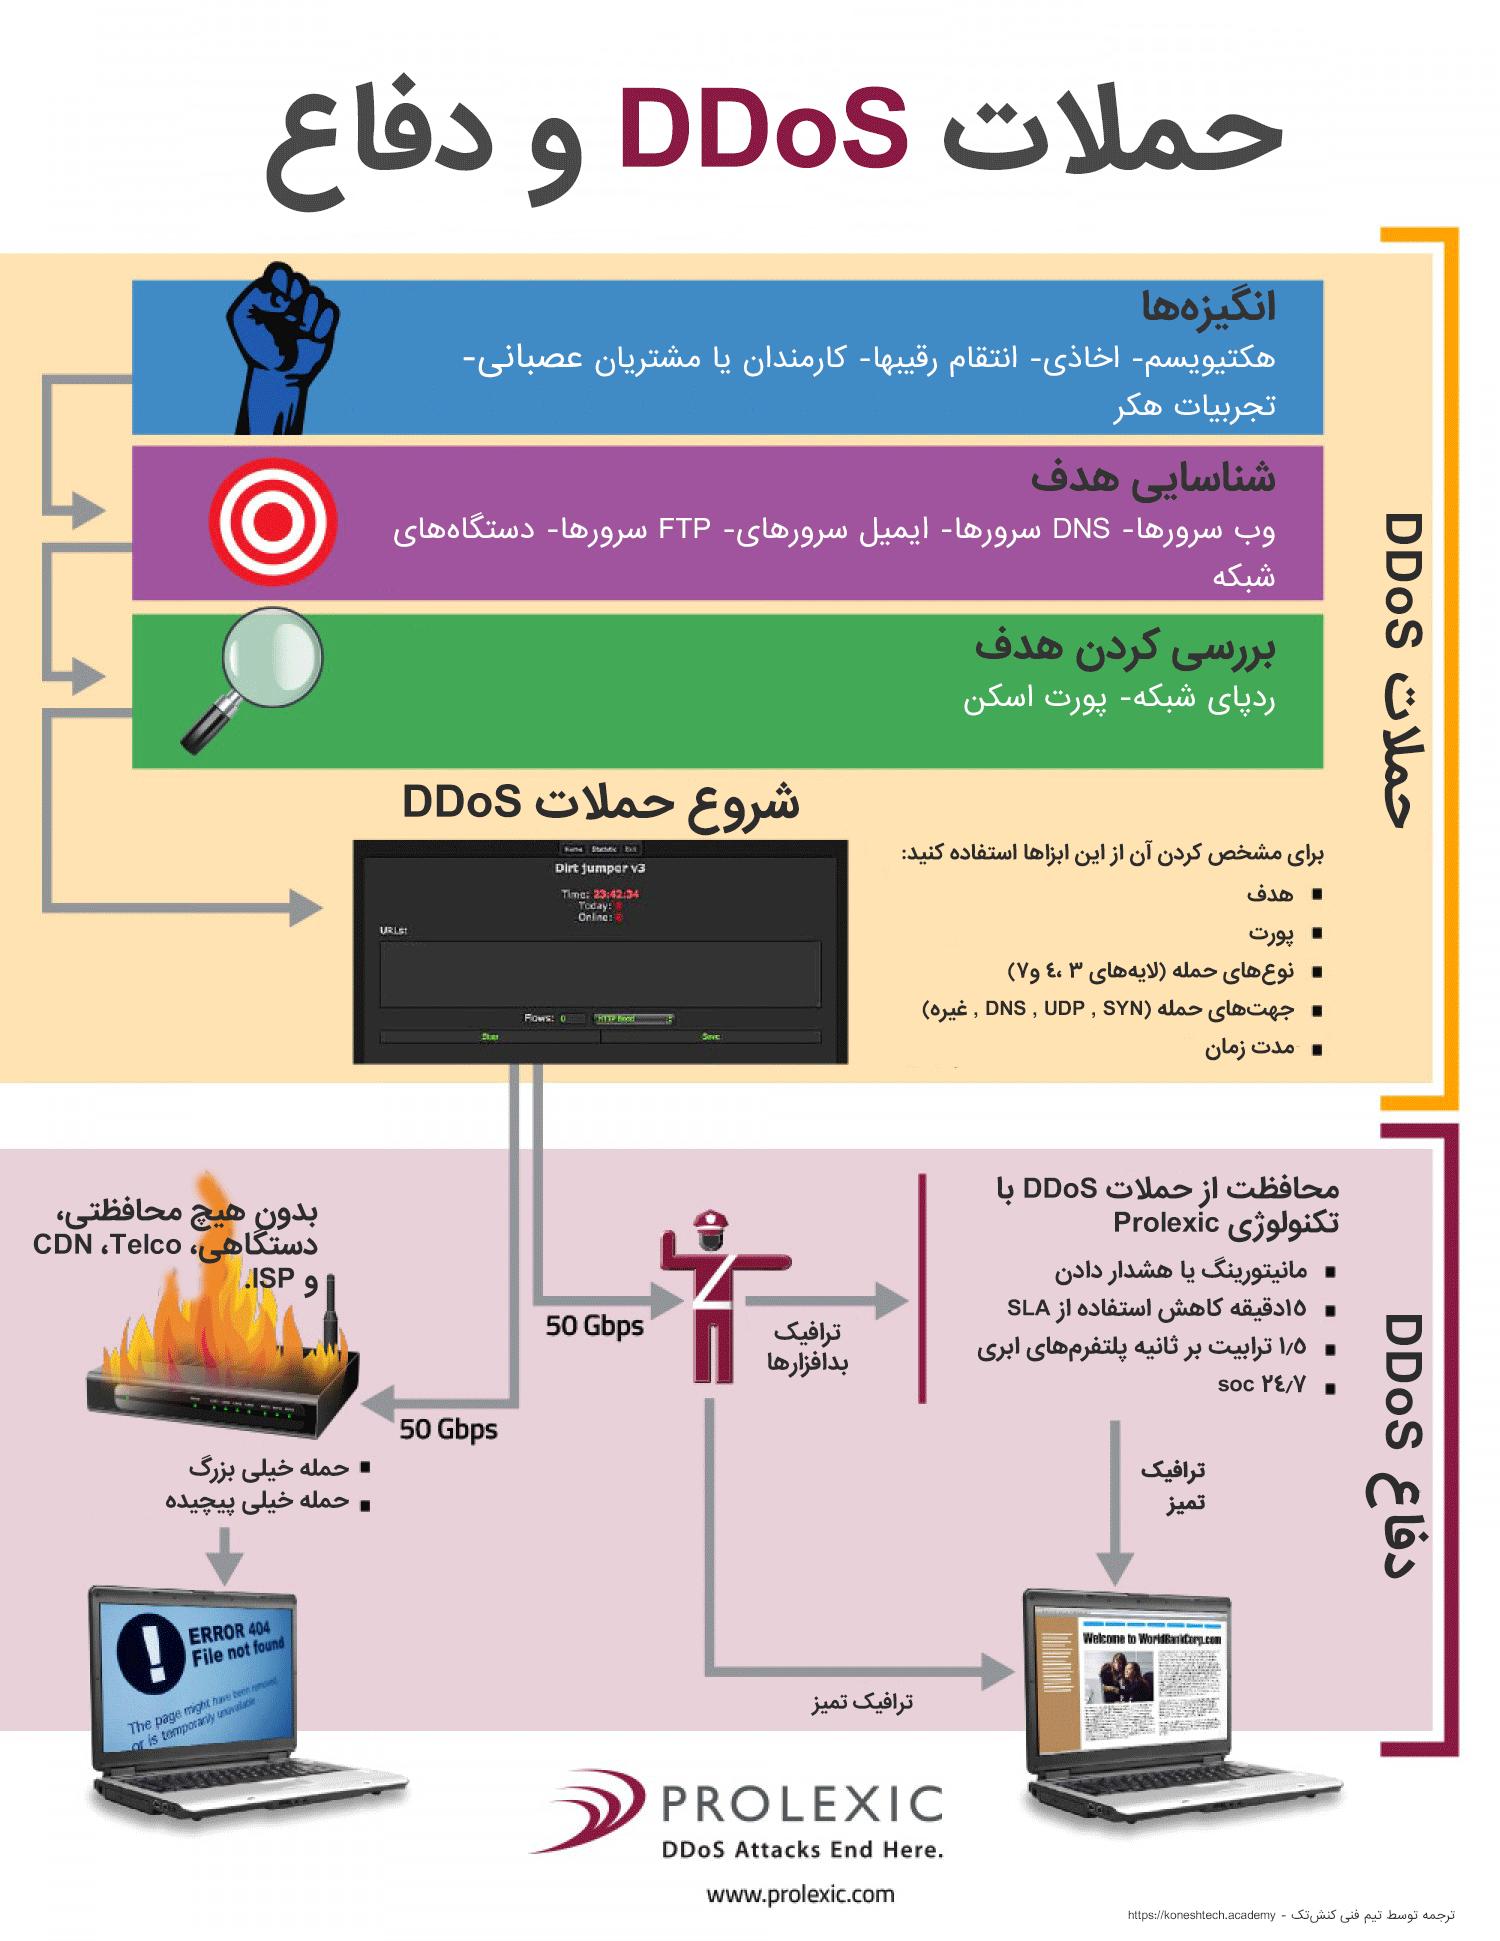 اینفوگرافیک حمله DDoS و مقابله با آن